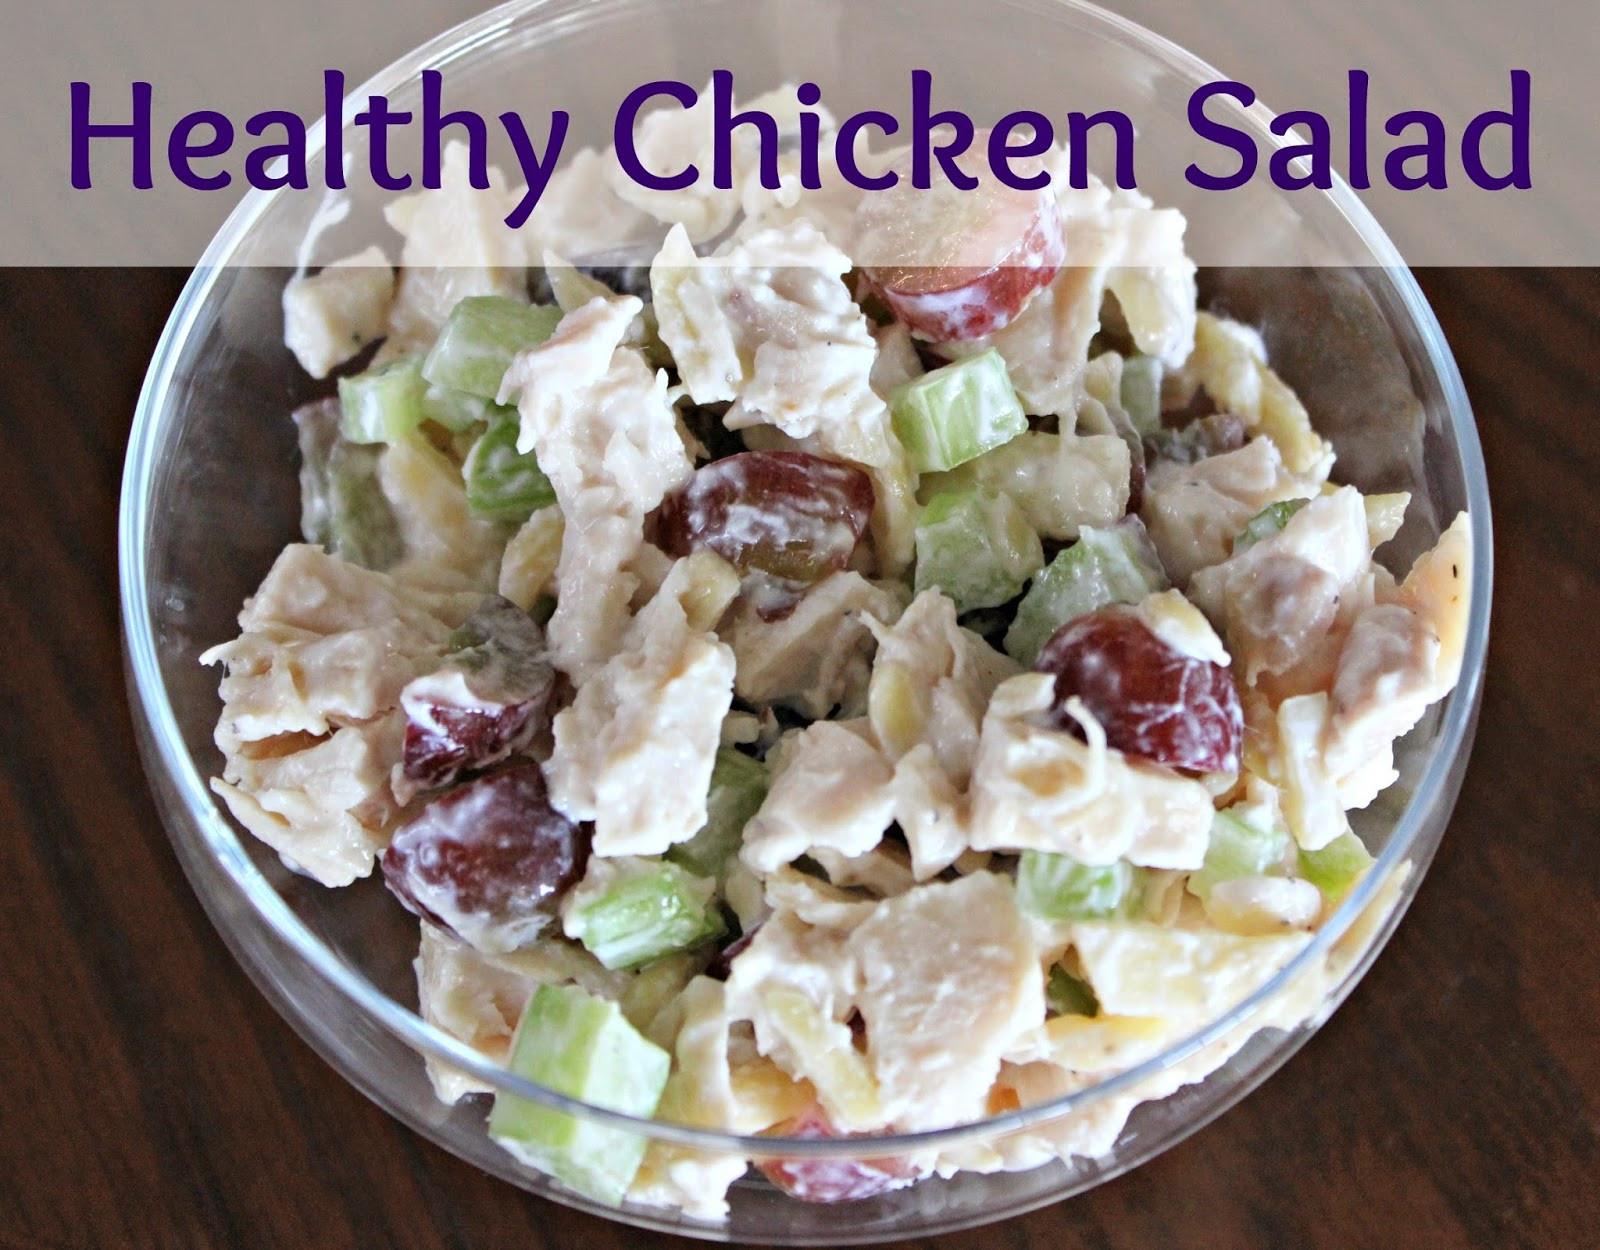 Chicken Salad Recipes Healthy  Healthy Chicken Salad Recipe — Dishmaps